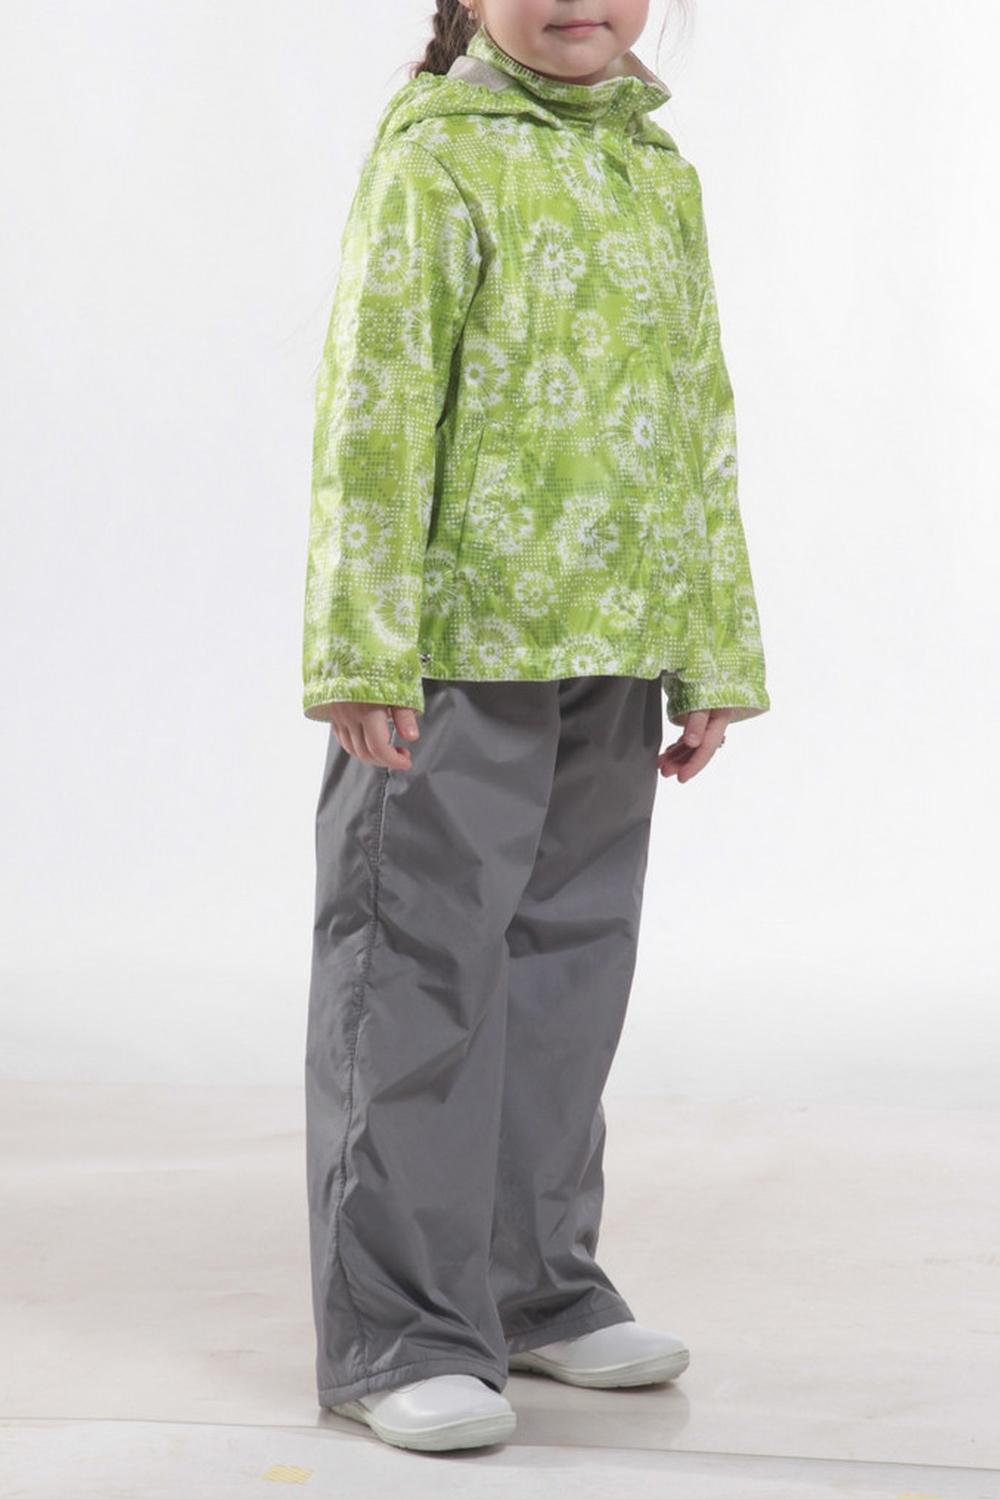 ВетровкаВерхняя одежда<br>Ветровка для девочки с капюшоном и воротником-стойка. Застёжка-молния скрыта ветрозащитной планкой.  Низ куртки  оформлен кулисой с утяжками. На флисовом подкладе  Верхняя ткань - полиэстер 100%  Подкладка - флис   В изделии использованы цвета: зеленый, белый  Размер 74 соответствует росту 70-73 см Размер 80 соответствует росту 74-80 см Размер 86 соответствует росту 81-86 см Размер 92 соответствует росту 87-92 см Размер 98 соответствует росту 93-98 см Размер 104 соответствует росту 98-104 см Размер 110 соответствует росту 105-110 см Размер 116 соответствует росту 111-116 см Размер 122 соответствует росту 117-122 см Размер 128 соответствует росту 123-128 см Размер 134 соответствует росту 129-134 см Размер 140 соответствует росту 135-140 см<br><br>Воротник: Стойка<br>По возрасту: Ясельные ( от 1 до 3 лет),Дошкольные ( от 3 до 7 лет),Школьные ( от 7 до 13 лет)<br>По длине: Миди<br>По материалу: Плащевая ткань<br>По образу: Повседневные<br>По рисунку: С принтом (печатью),Цветные<br>По сезону: Лето,Осень,Весна<br>По силуэту: Свободные<br>По форме: Ветровка<br>По элементам: С капюшоном,С карманами,С молнией,С подкладом<br>Рукав: Длинный рукав<br>Размер : 104,110,122,128<br>Материал: Болонья<br>Количество в наличии: 4